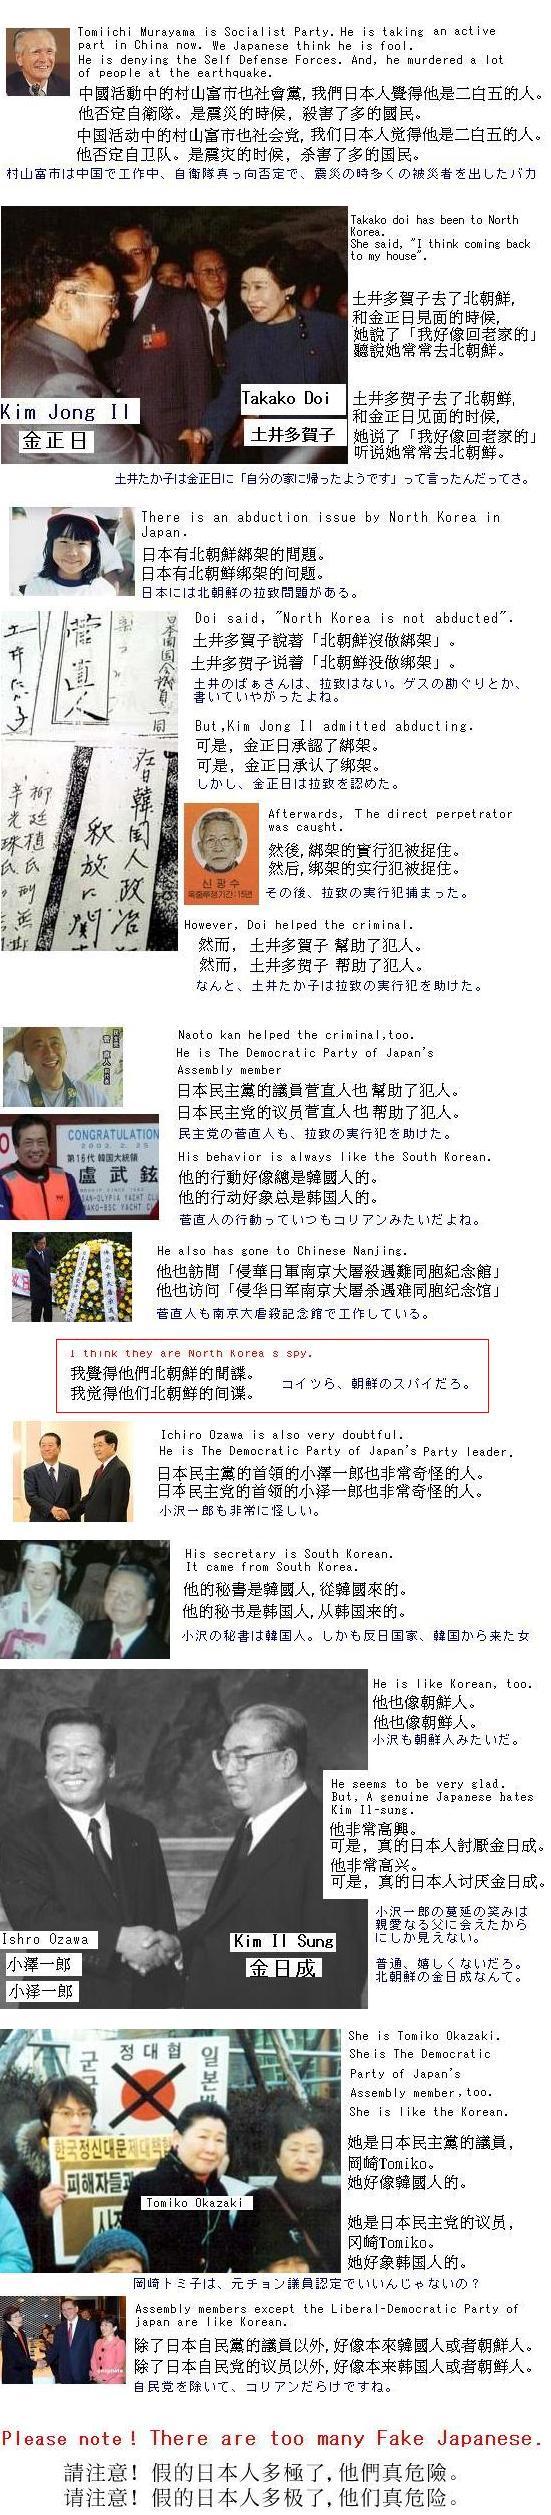 doitakakokousakuinnoakuji2.jpg